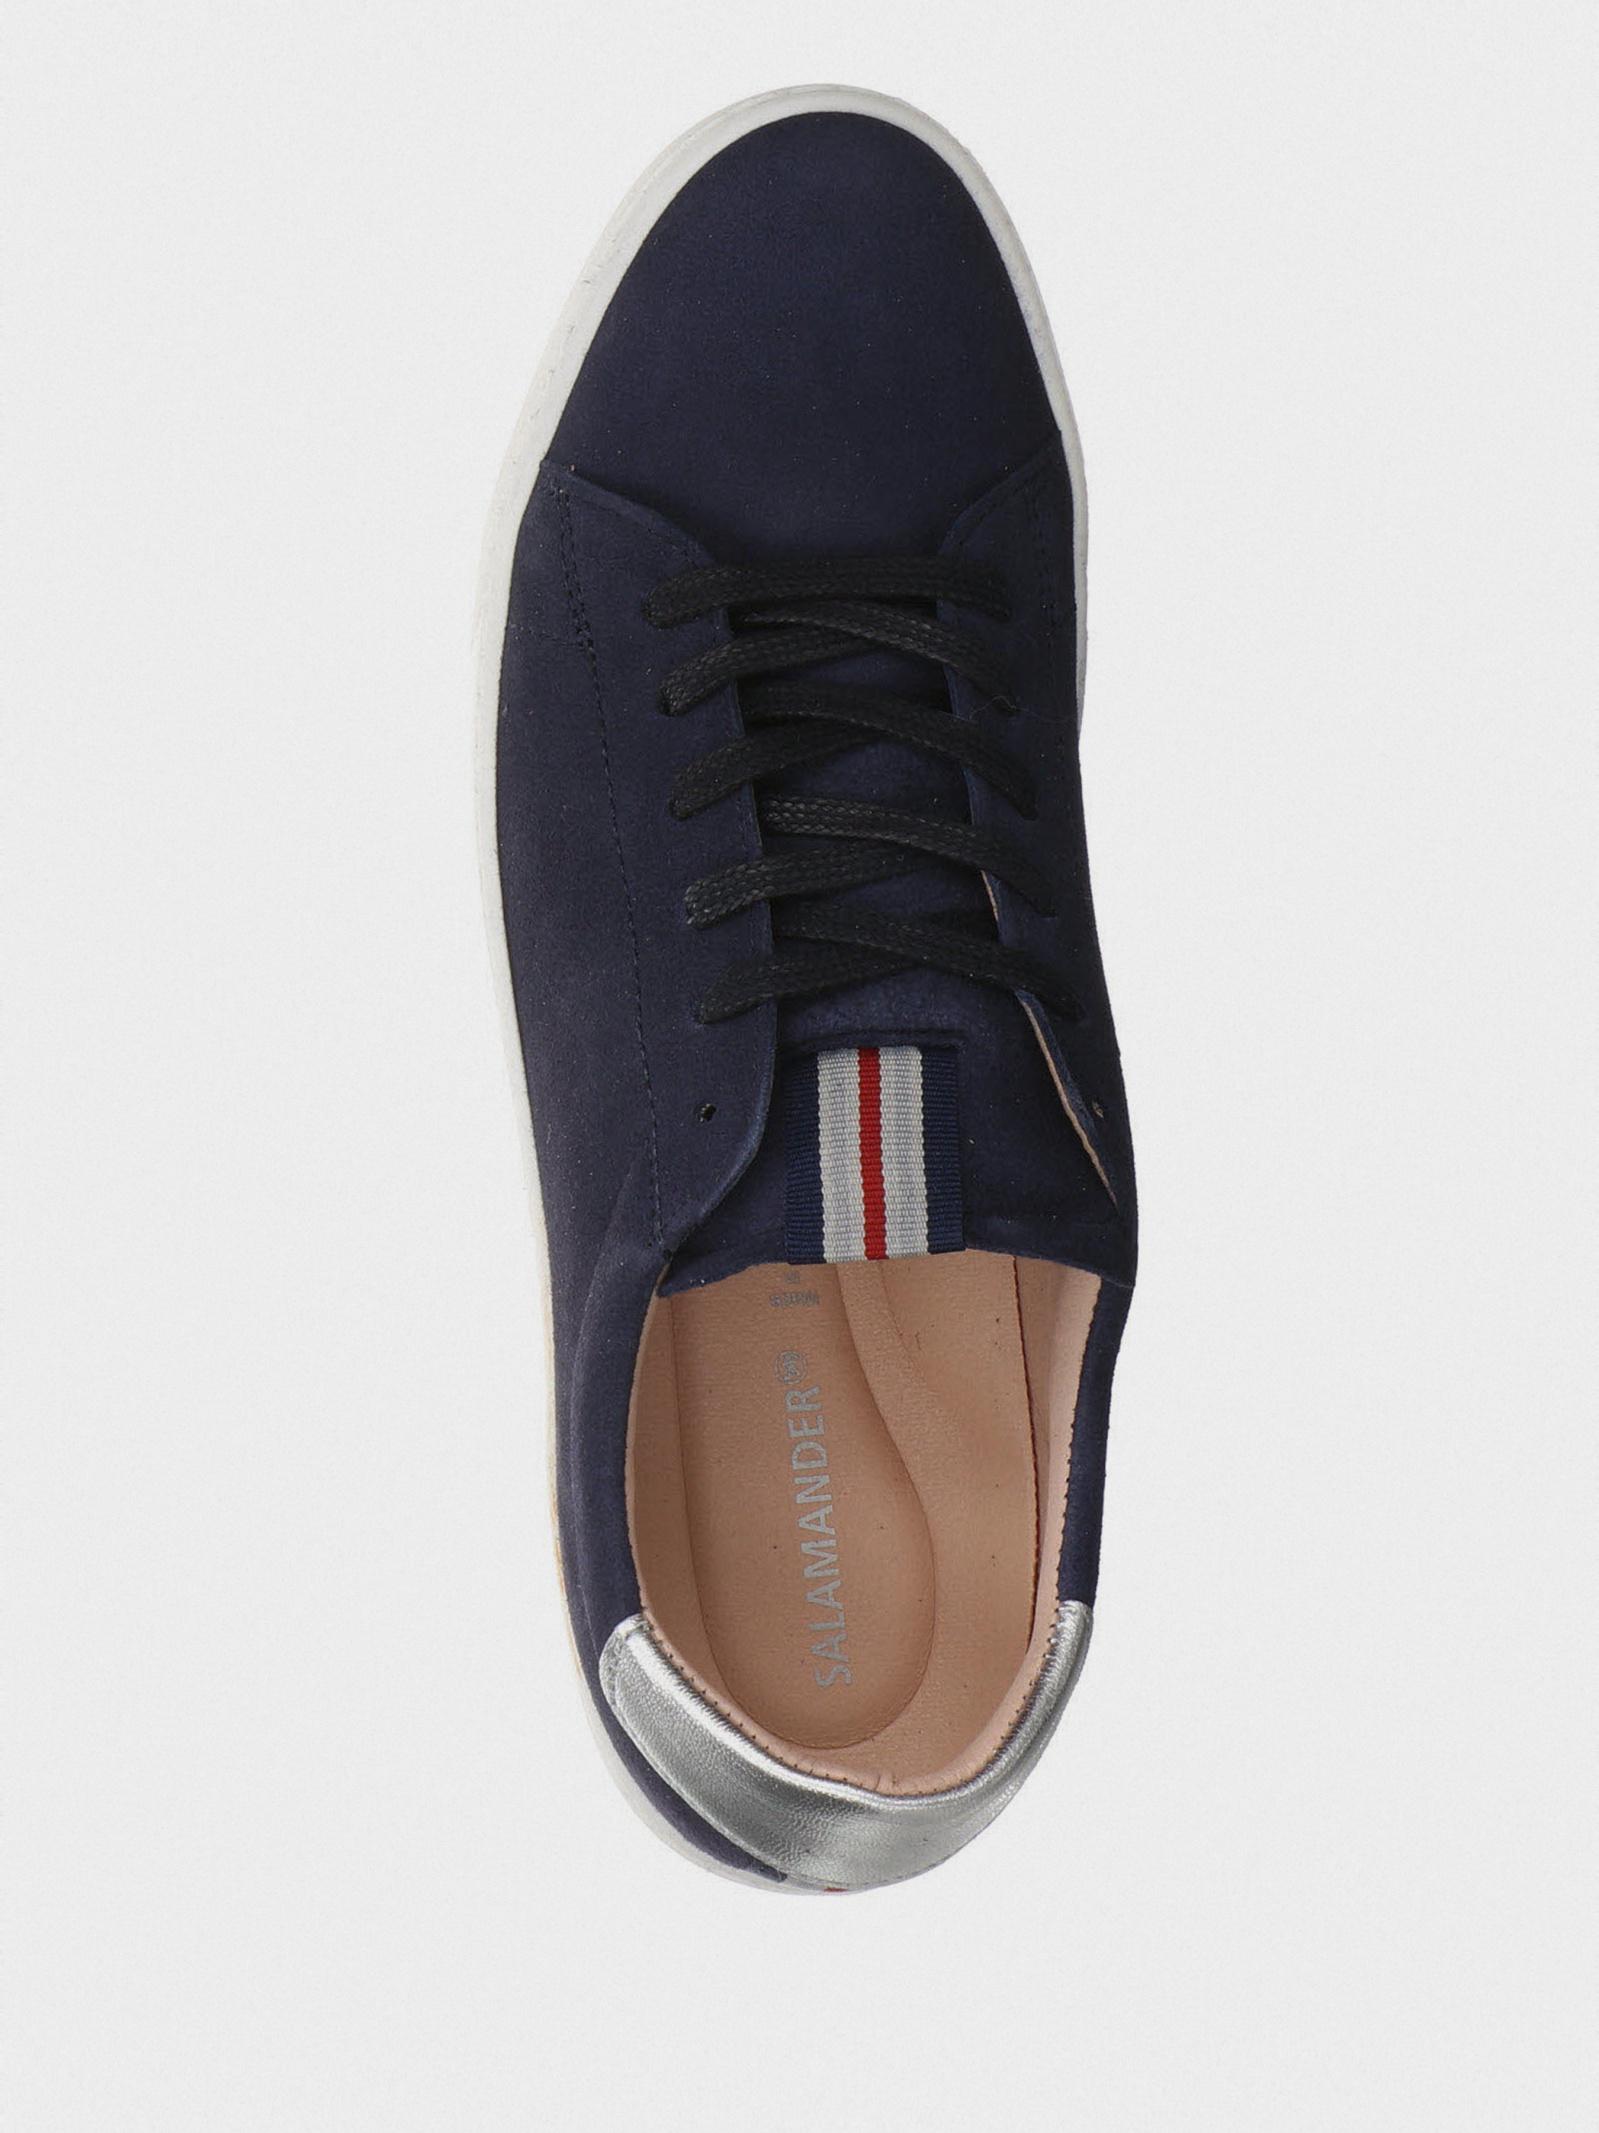 Кеди  жіночі Salamander 32-55301-22 модне взуття, 2017